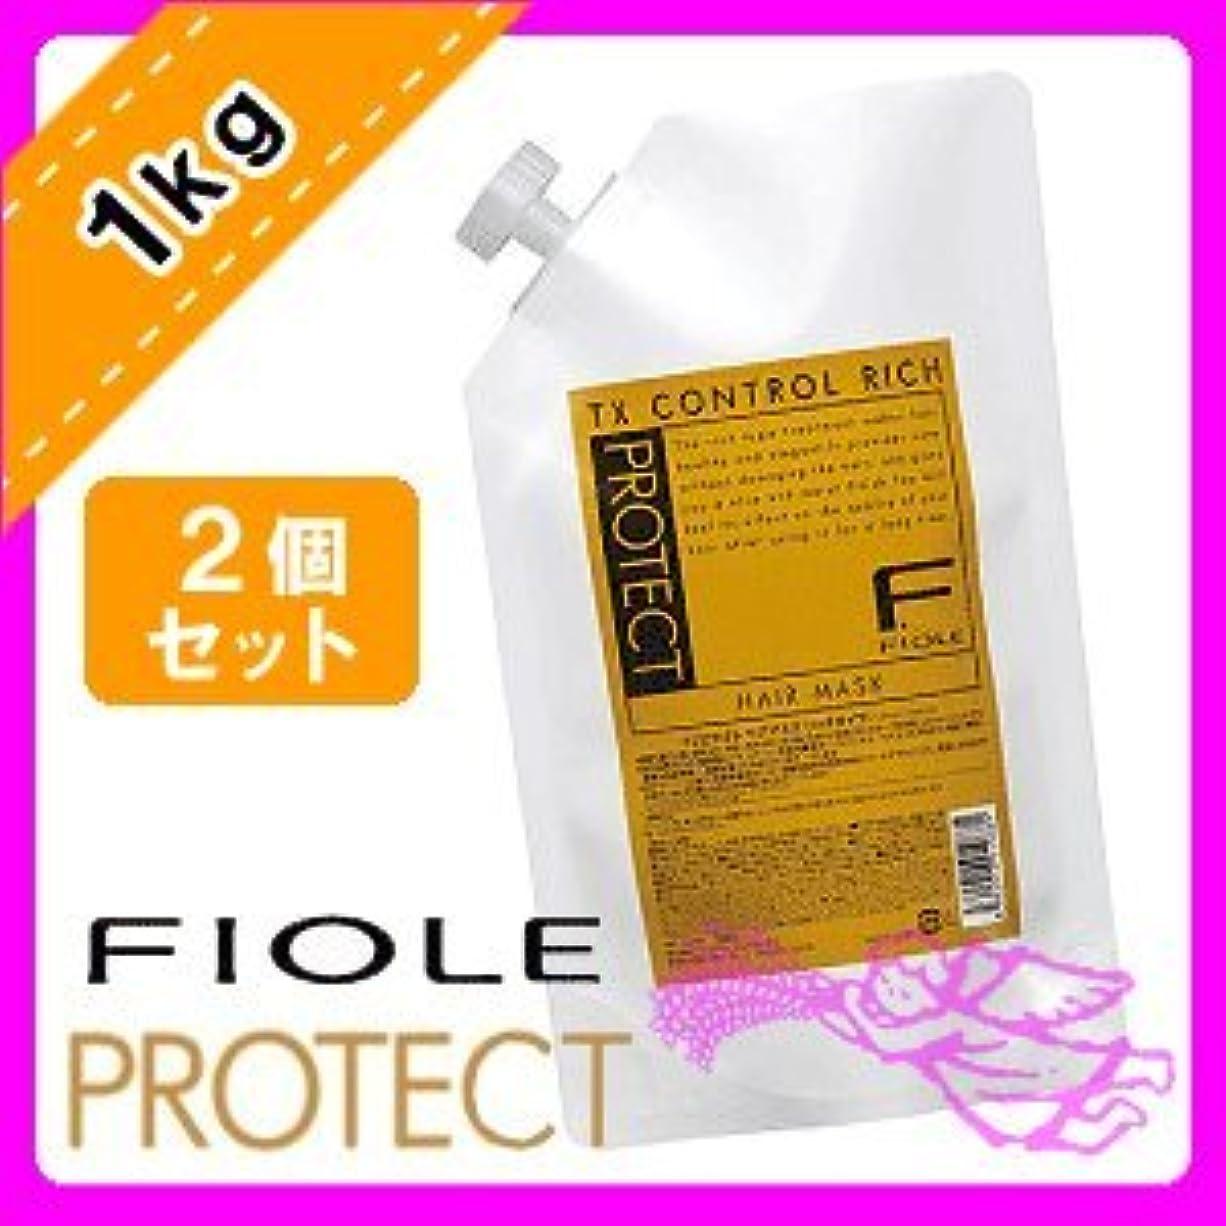 型無視できる戸棚フィヨーレ Fプロテクト ヘアマスク リッチ <1000g×2個セット> 詰め替え用 MR FIOLE Fprotect 毛先しっとり